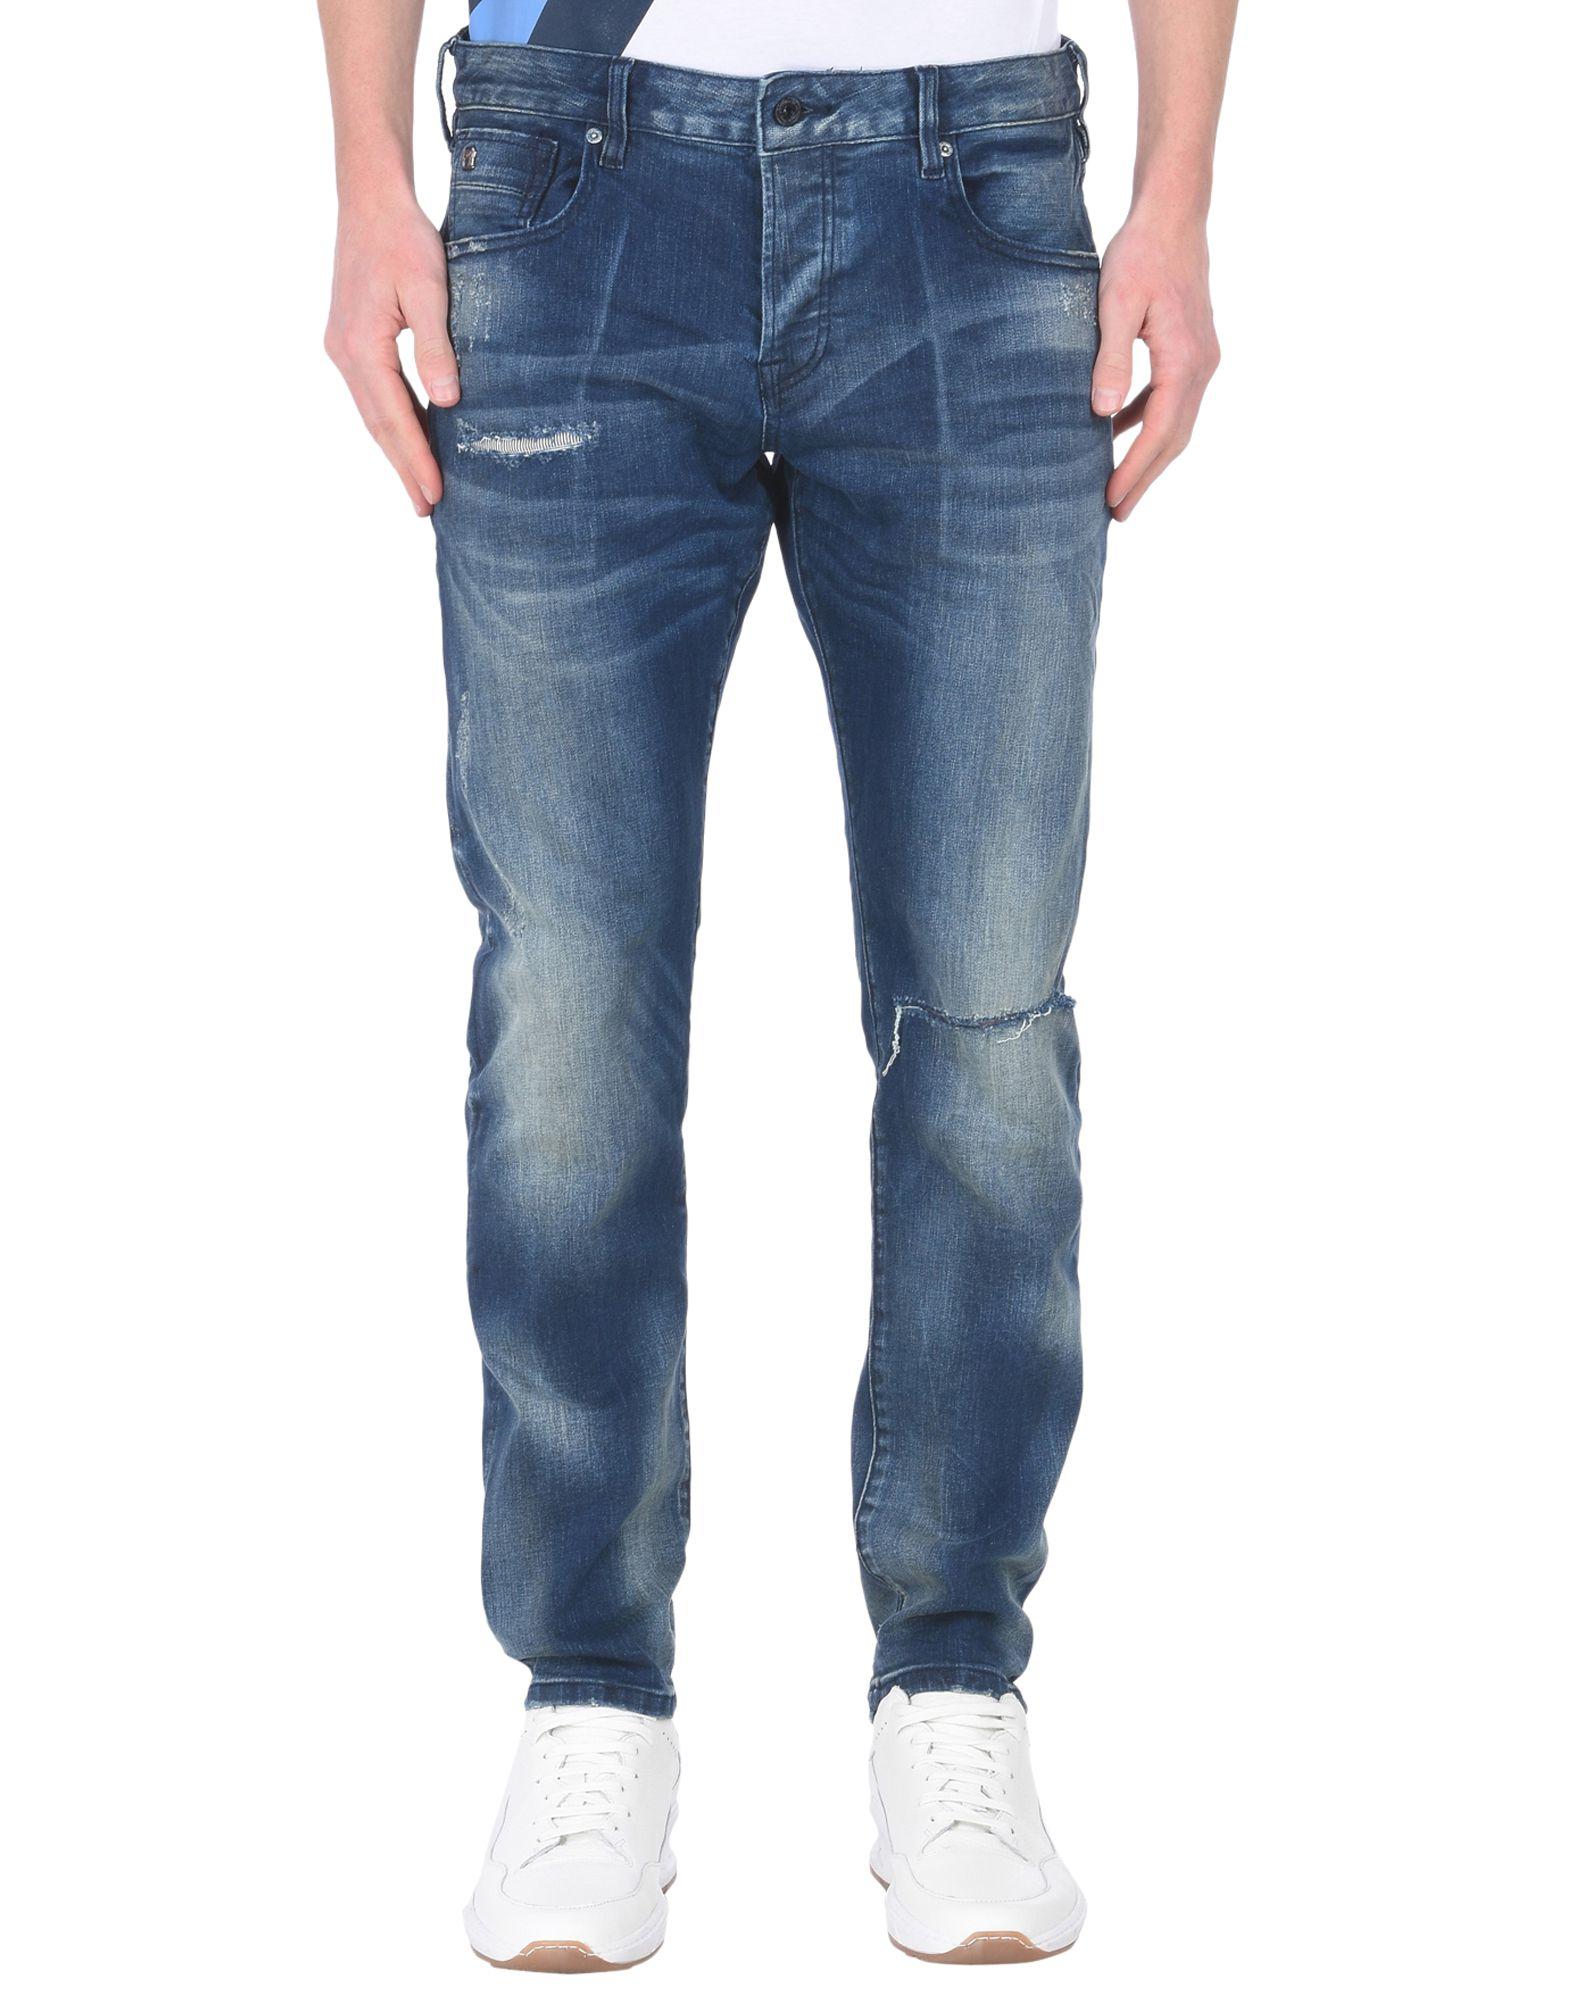 Pantaloni Jeans Scotch & Soda Ralston - Flying Dutchman - Uomo - Acquista online su